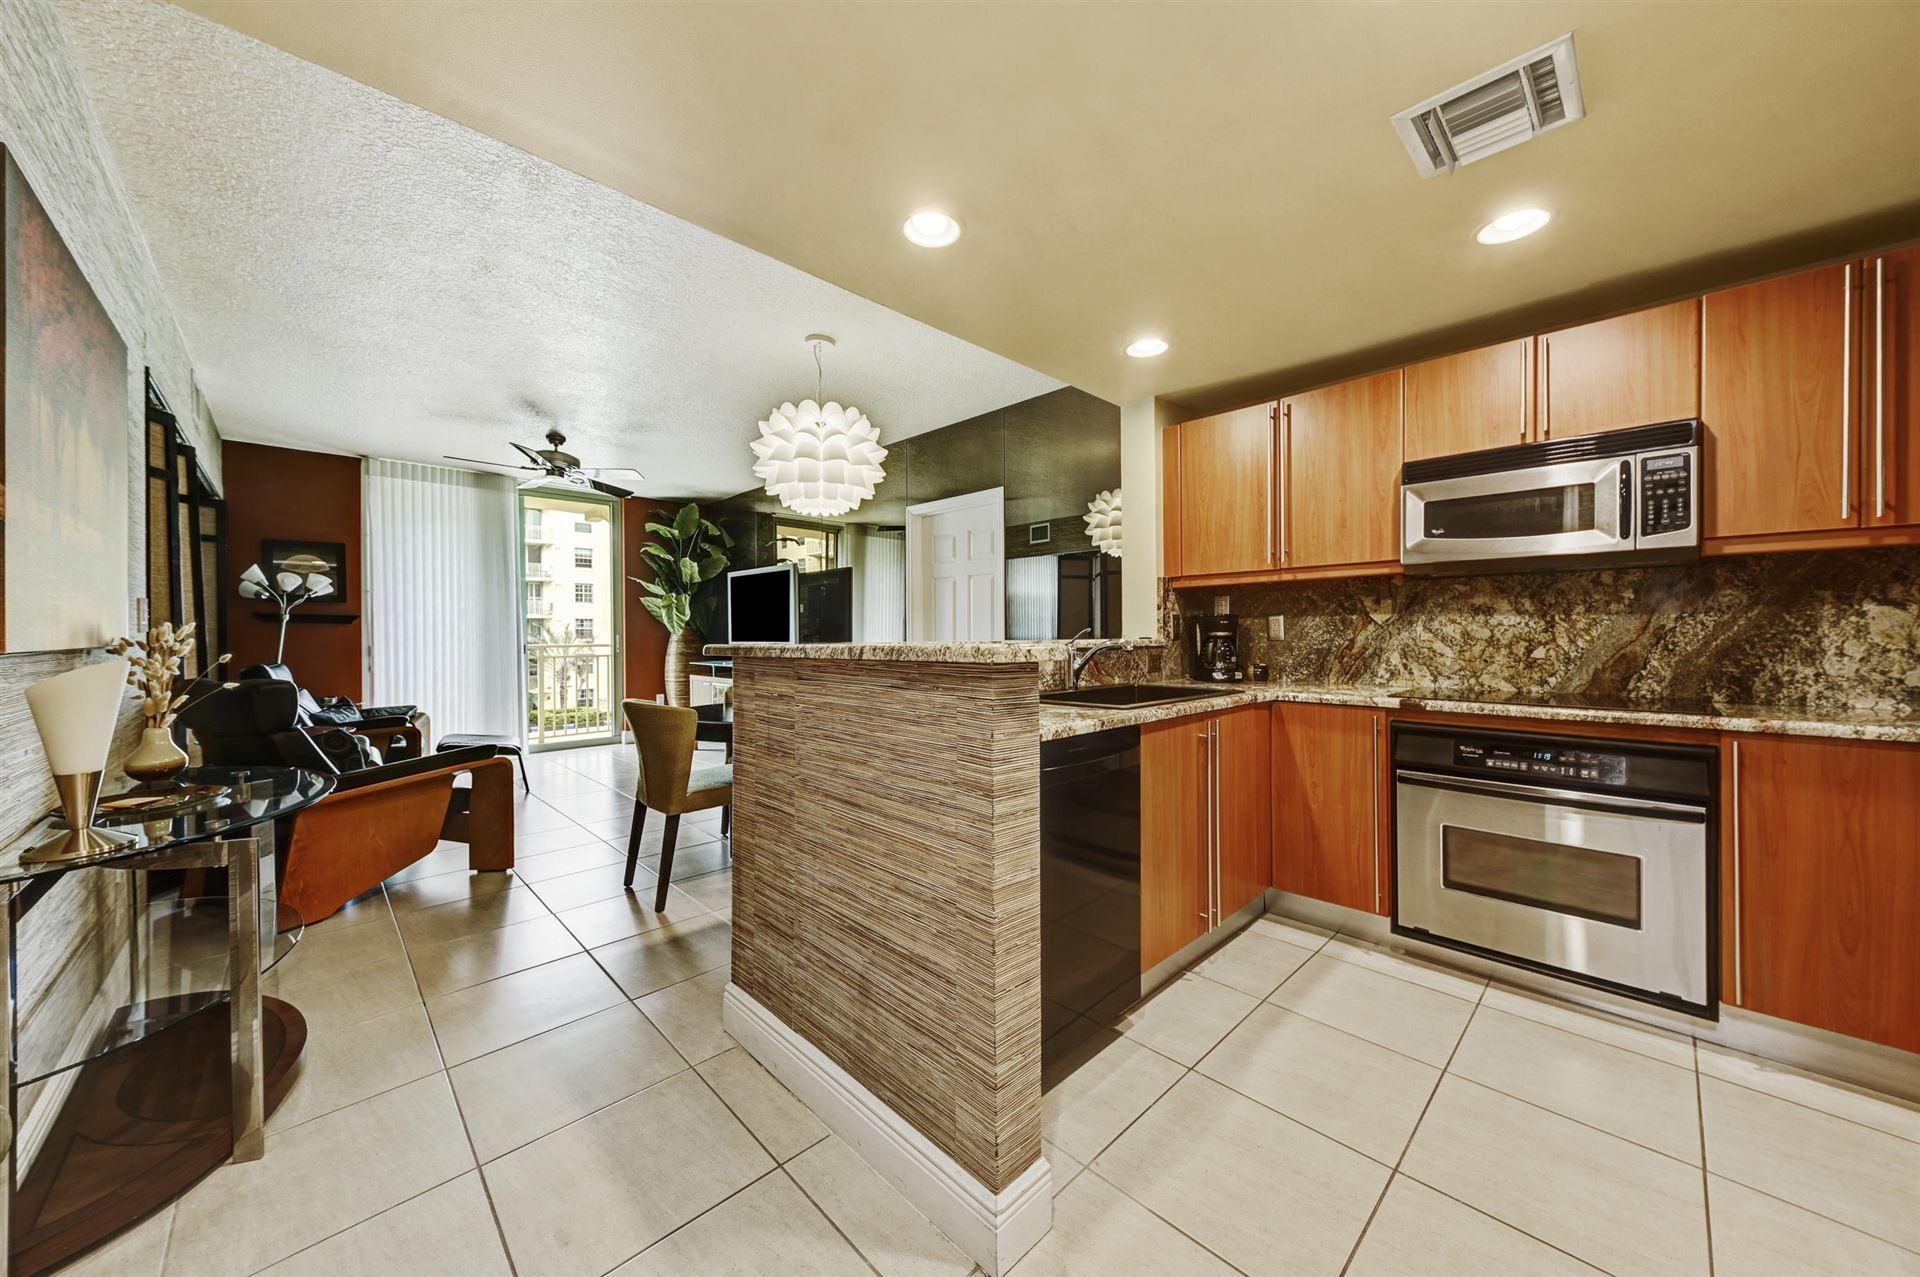 610 Clematis Street #407, West Palm Beach, FL 33401 - MLS#: RX-10675535